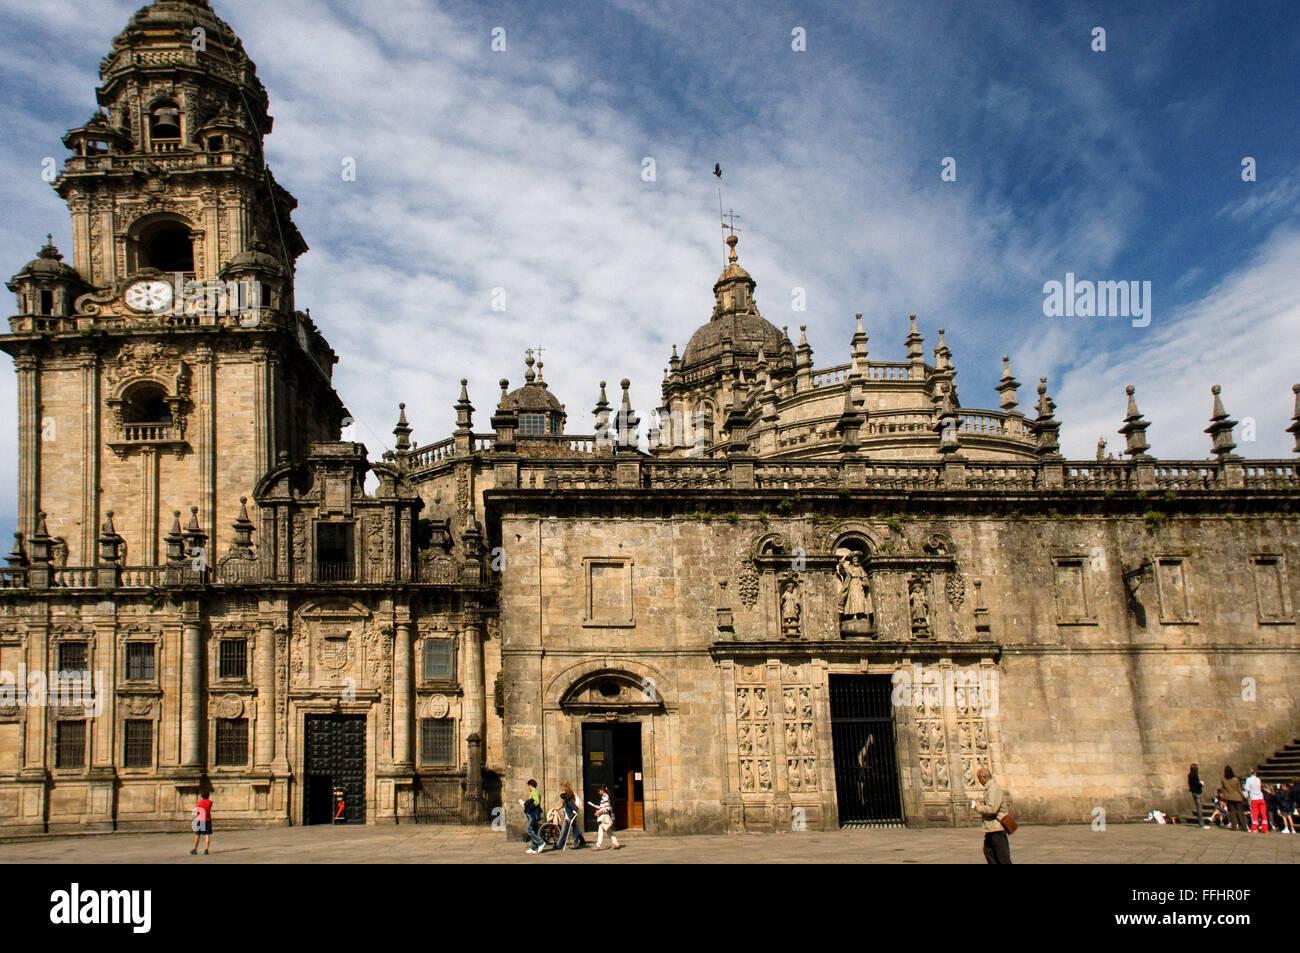 Way of St. James, Jacobean Route. Old town of Santiago de Compostela. Quintana de Vivos Square. San Paio de Antealtares - Stock Image